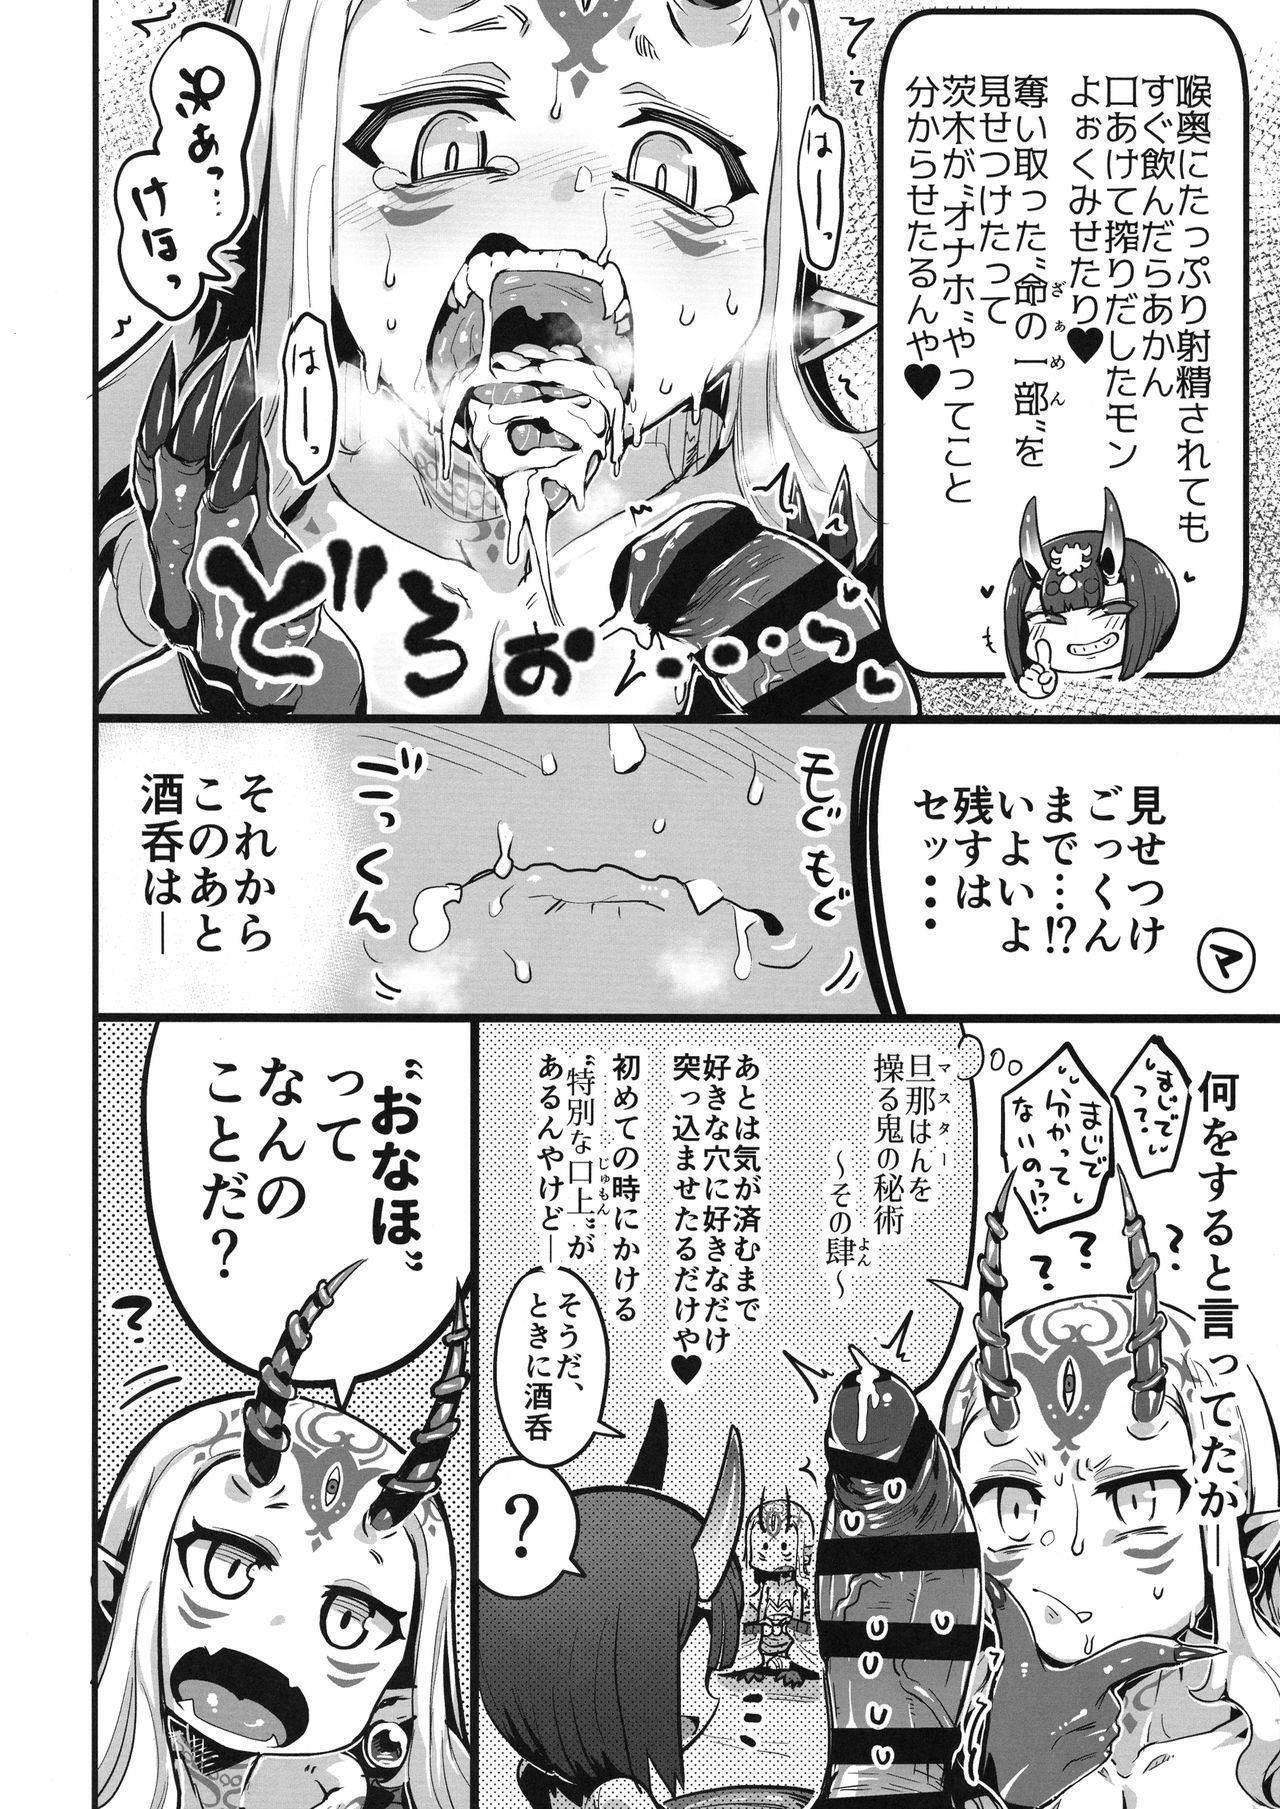 (C96) [slime_eer (Nutaunagi)] Saimin Kaketa Shuten-chan to Kettaku shite Saimin Kakatte nai Ibaraki-chan to Muchix suru Hon (Fate/Grand Order) 10